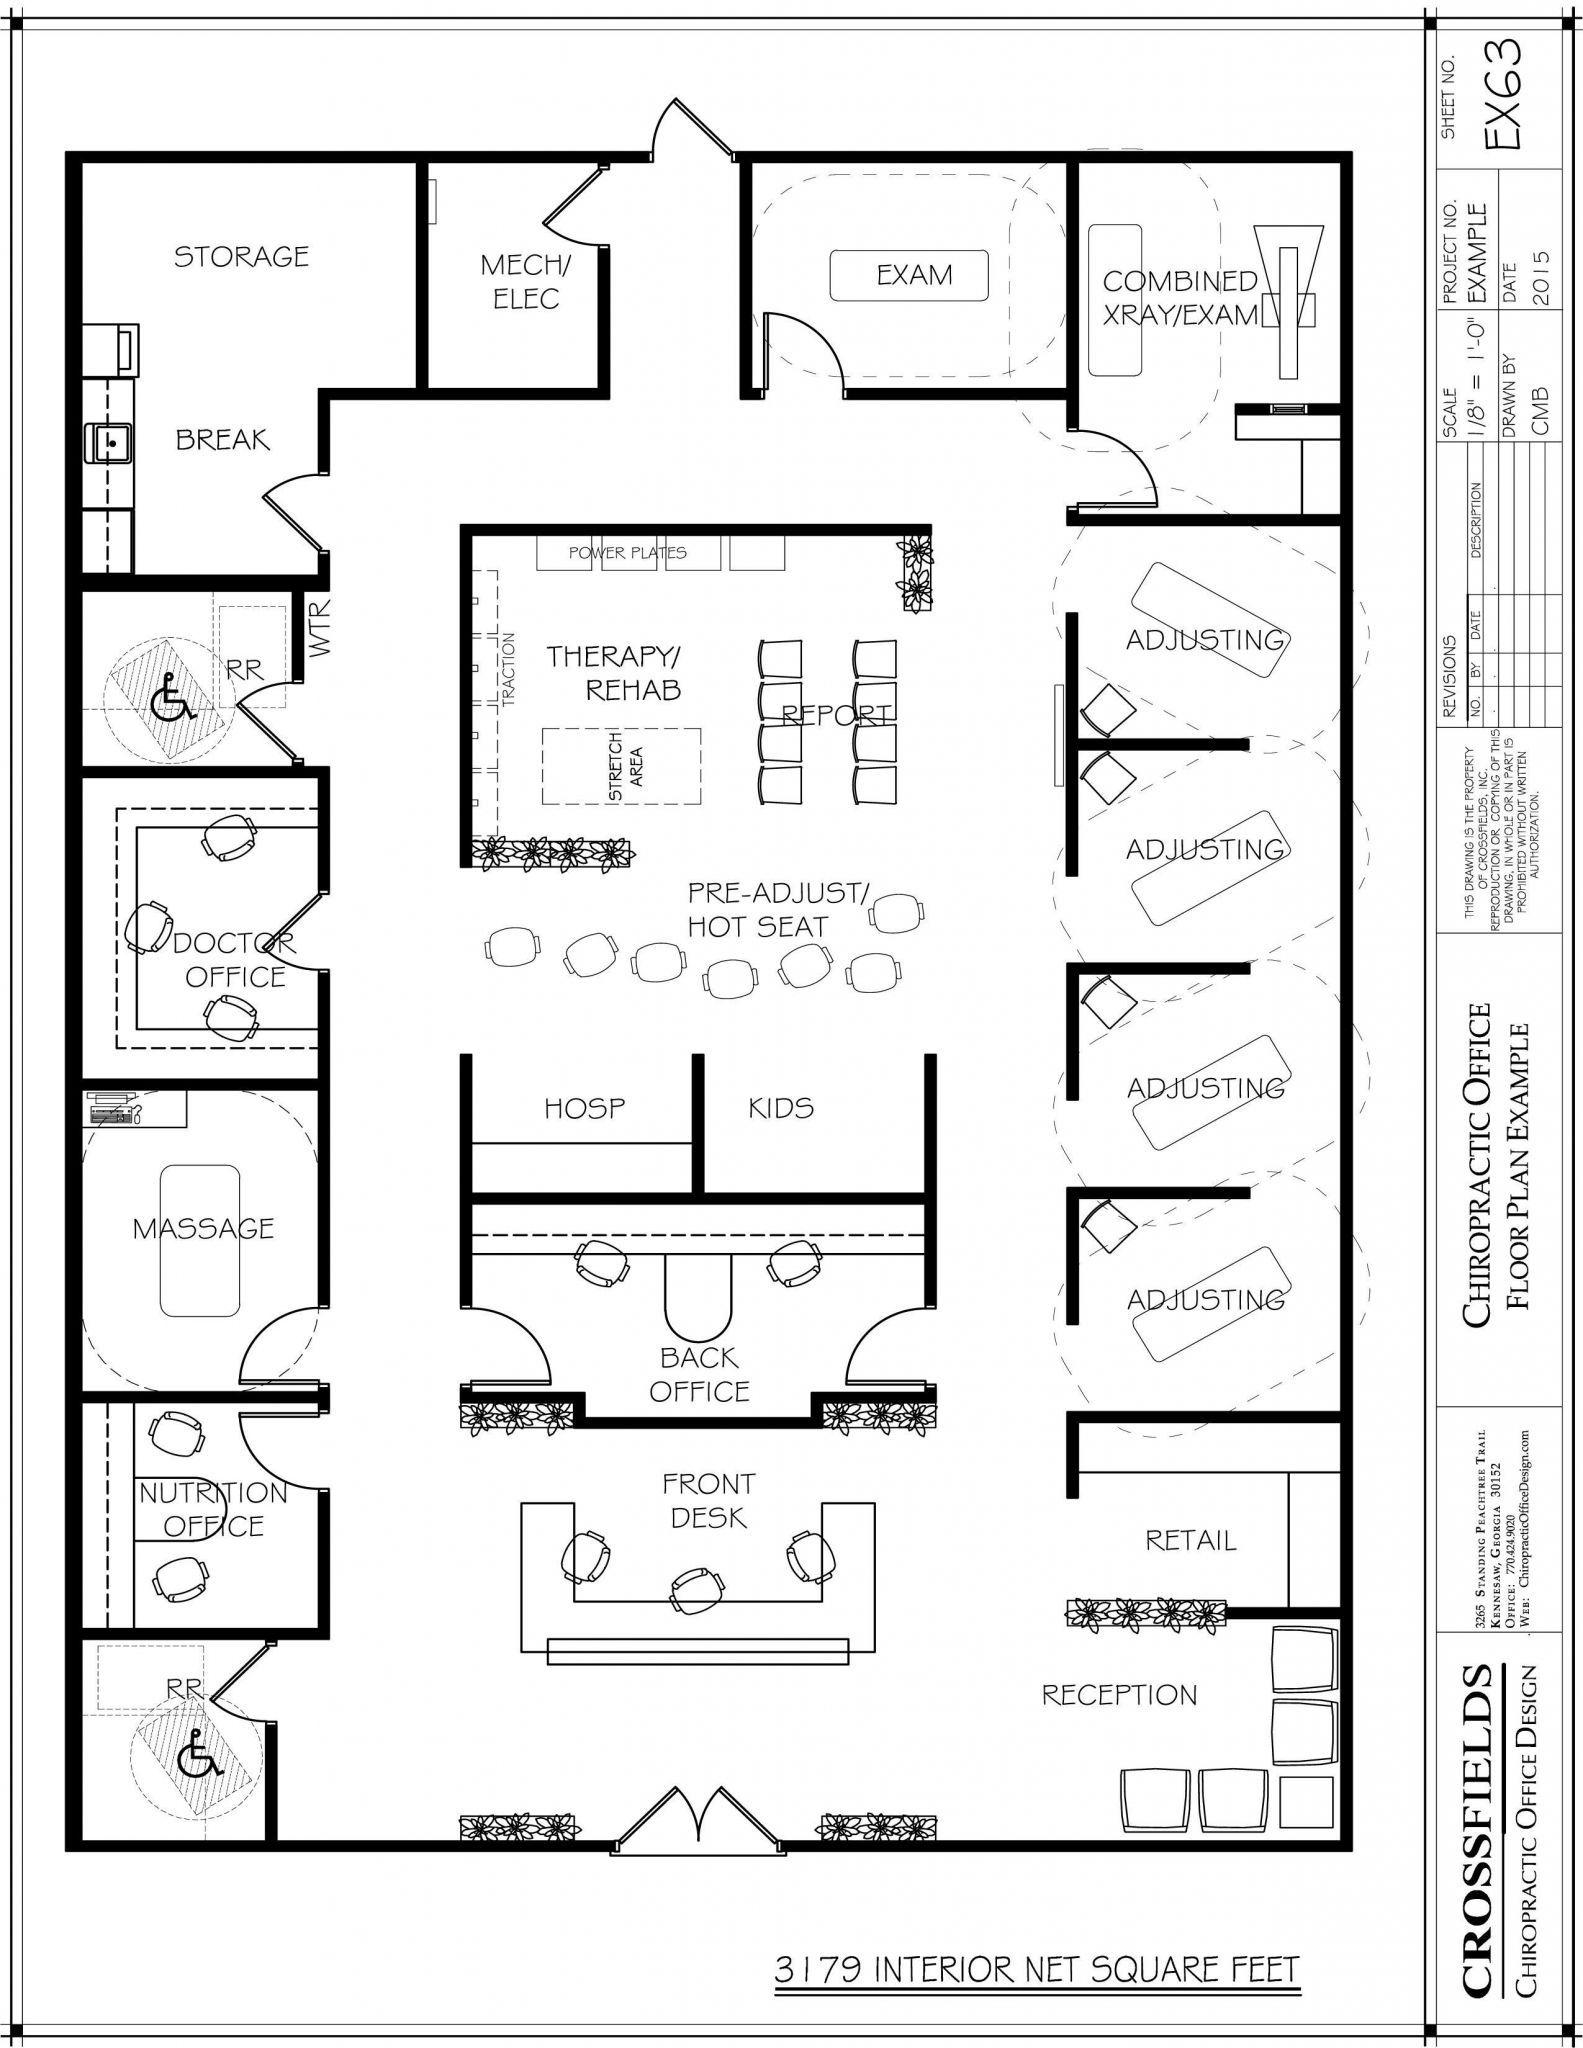 Medical Clinic Floor Plan Design Sample Unique